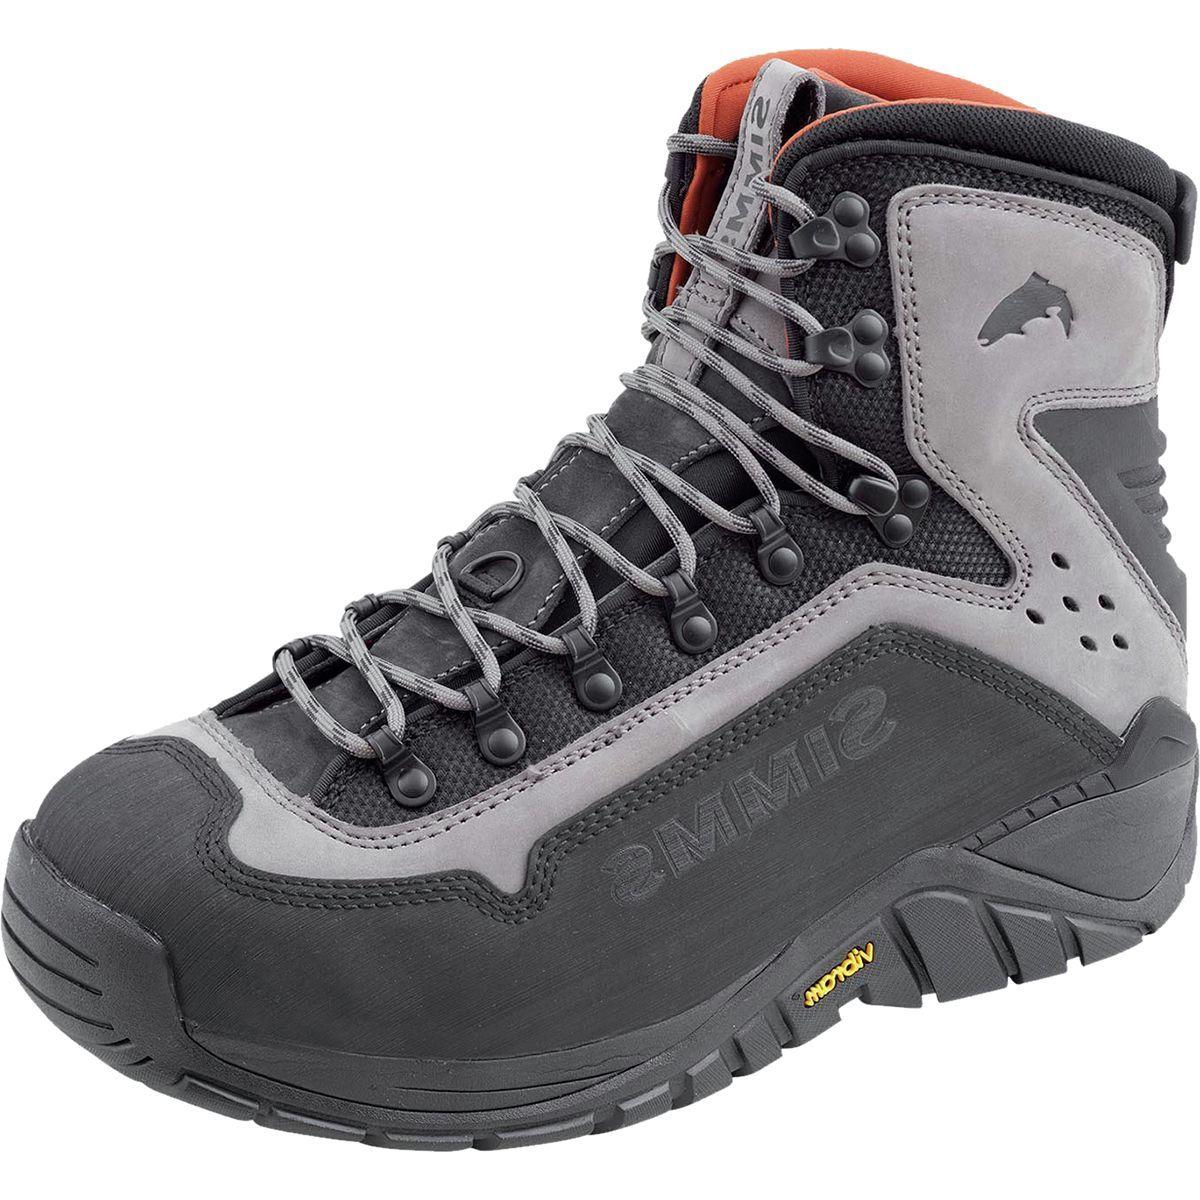 Simms G3 Guide Boot - Men's